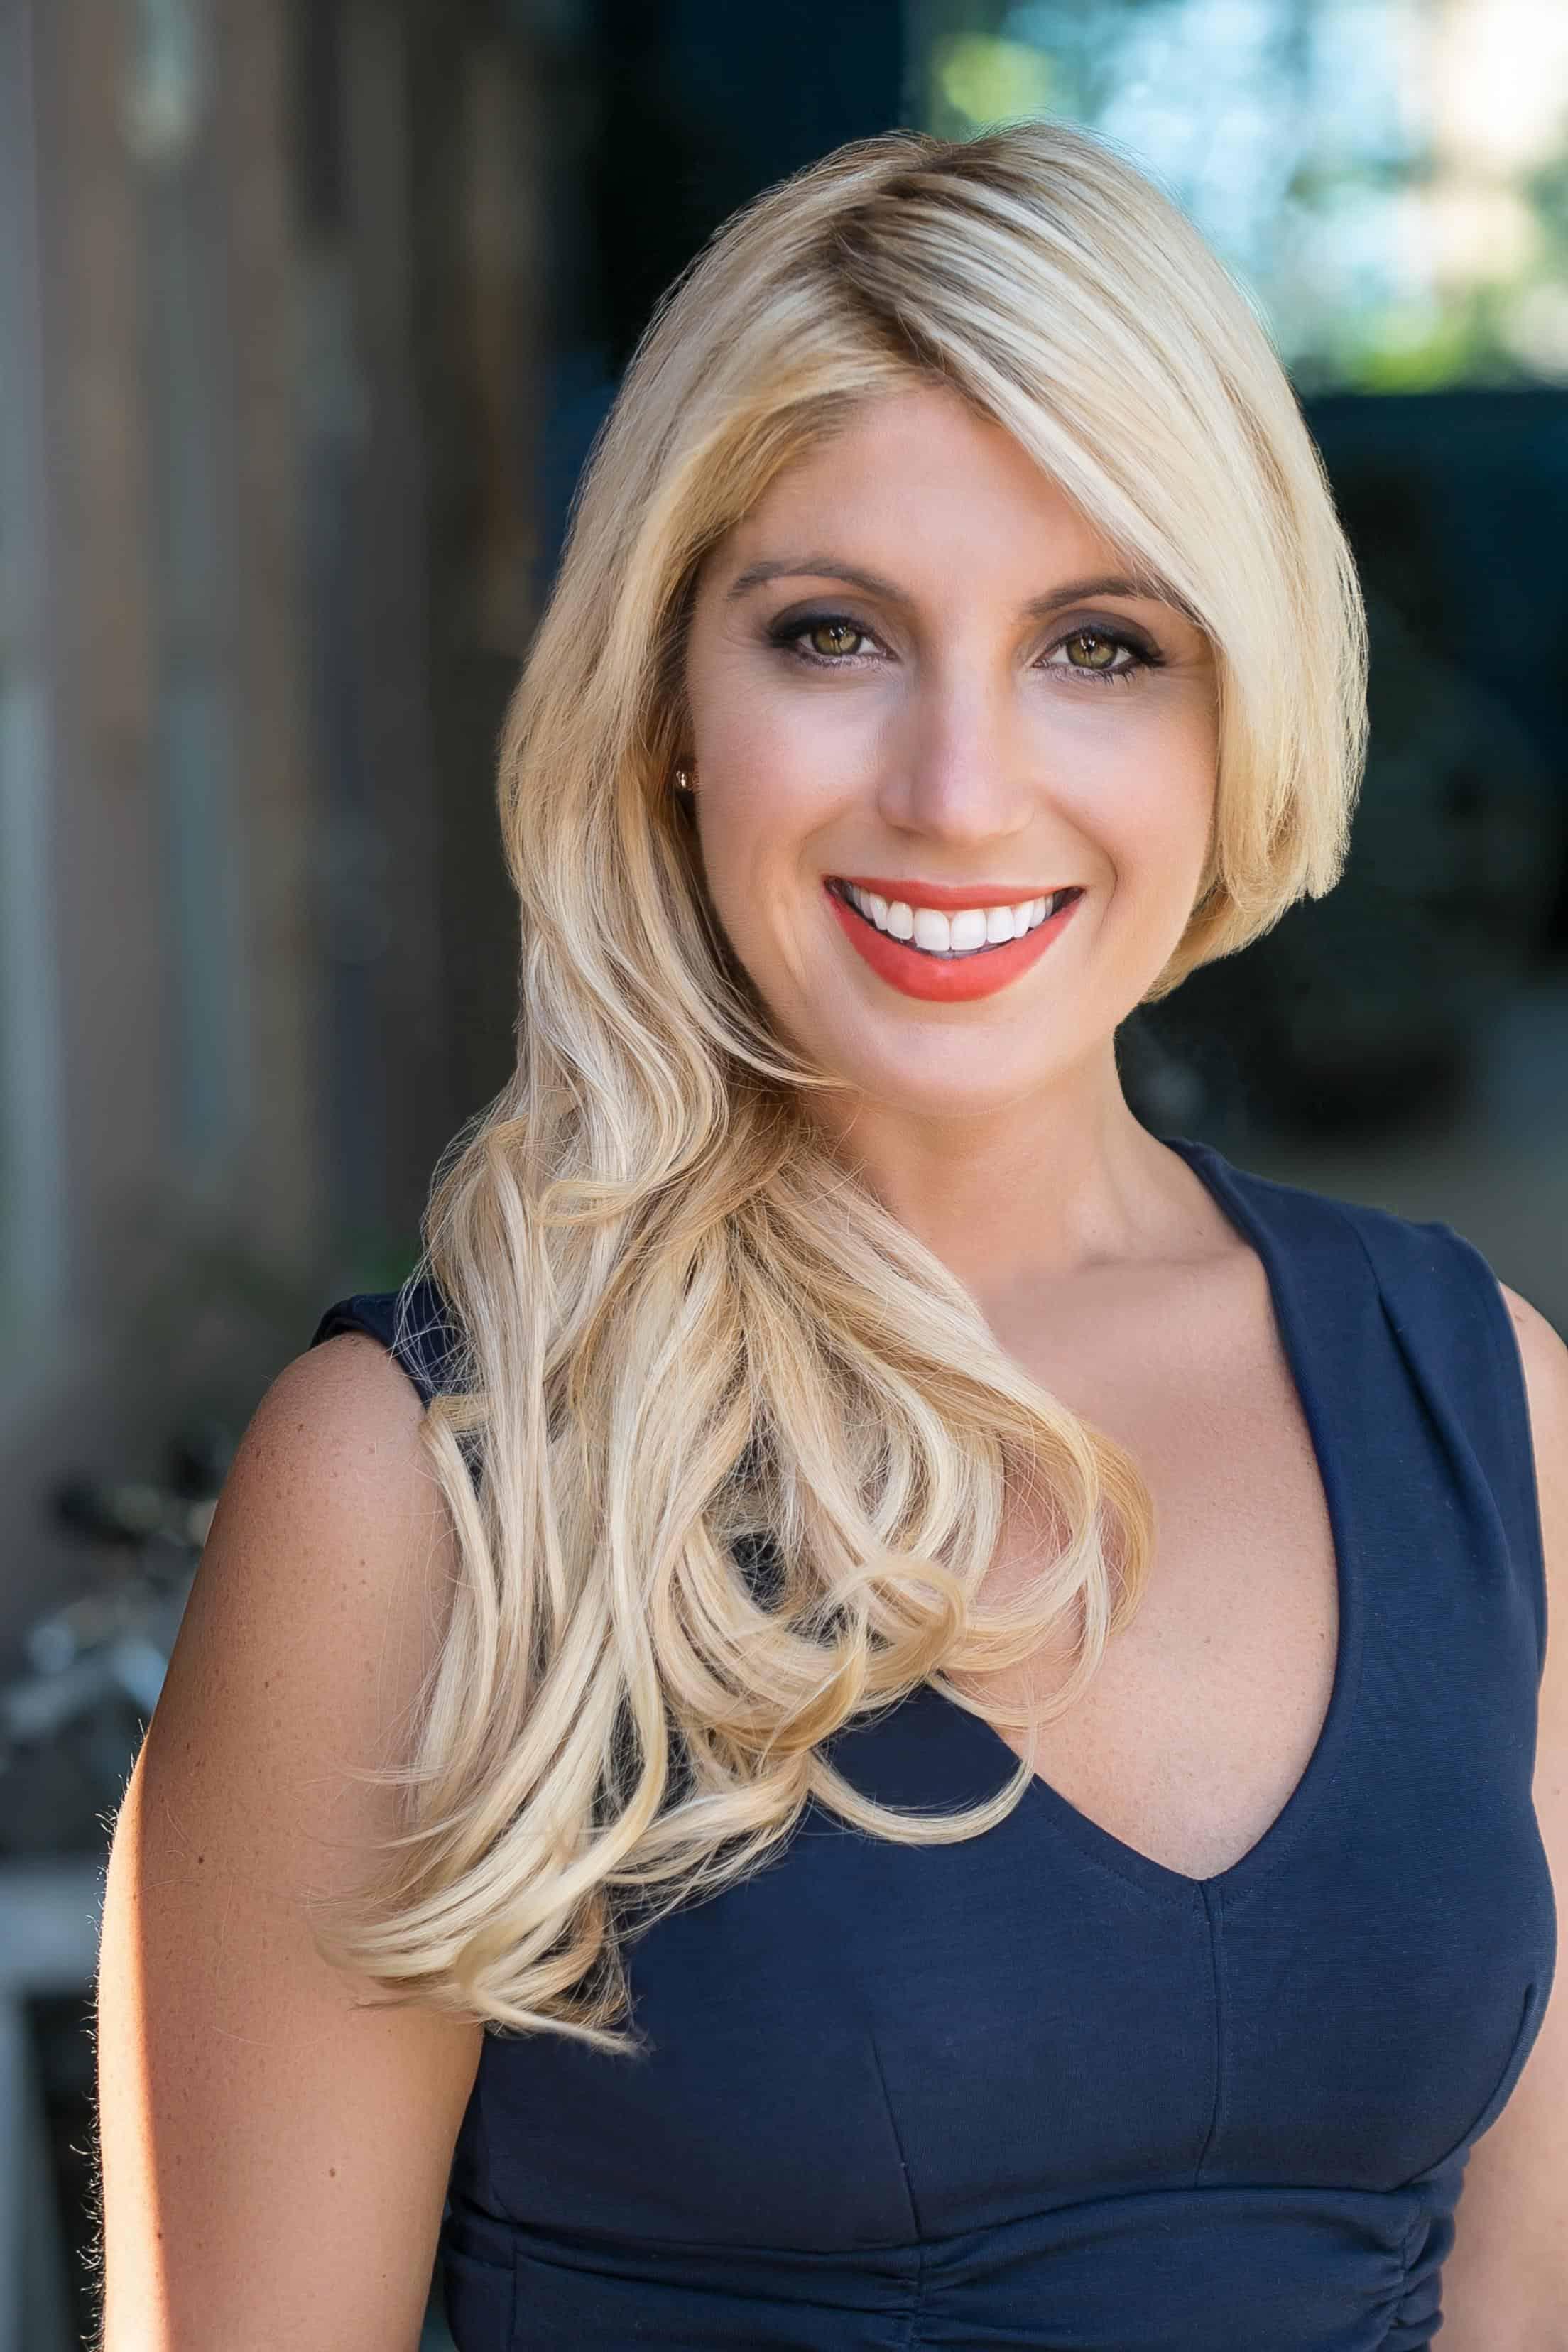 Her Career: Julie Bednarski - Founder of The Healthy Crunch Company